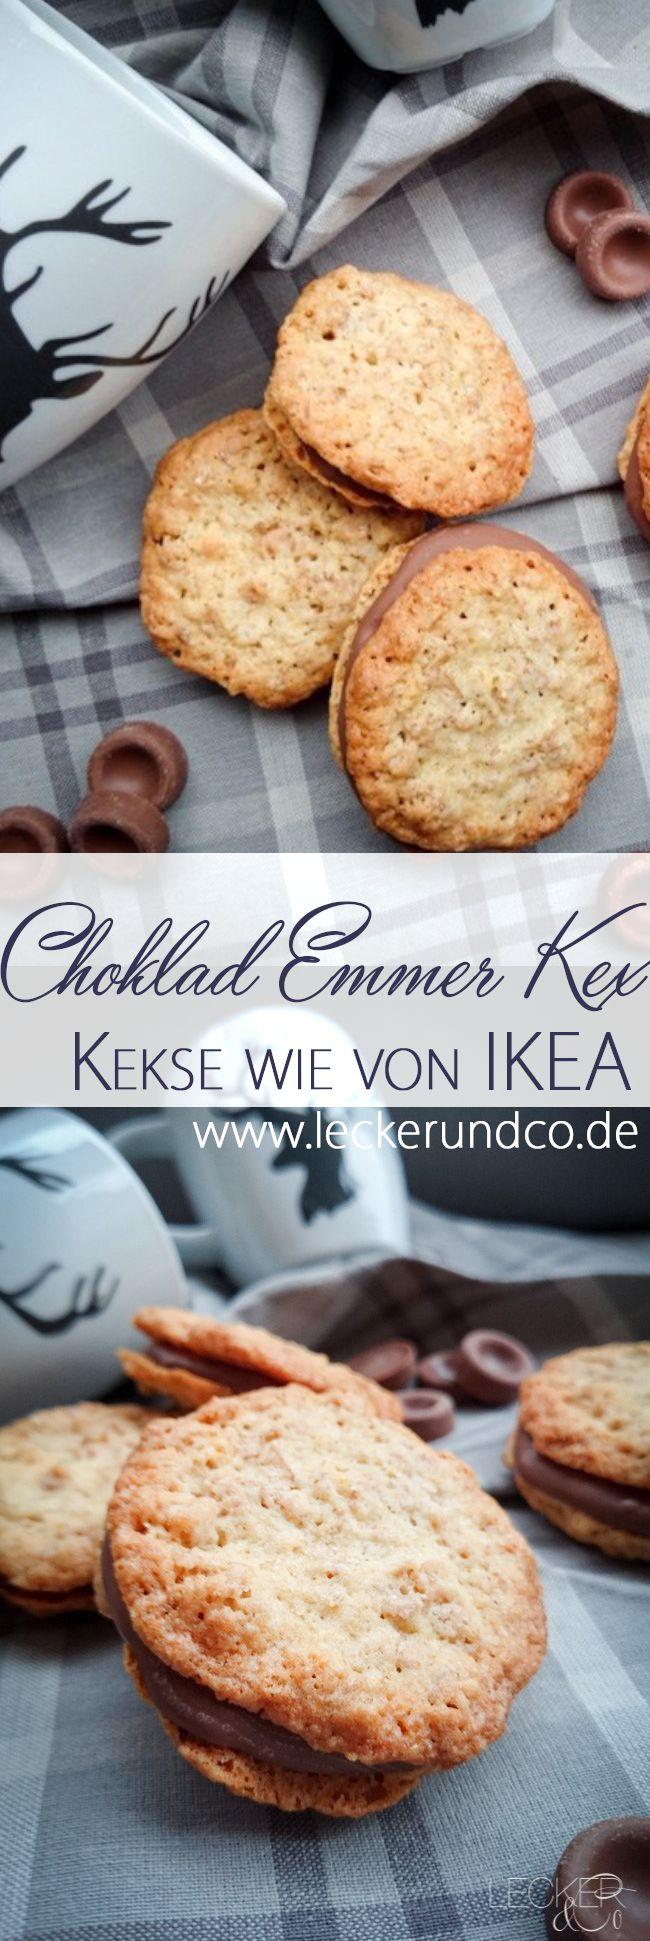 Kekse wie von IKEA: Kekse aus Emmerflocken (Haferflocken) mit Schokofüllung